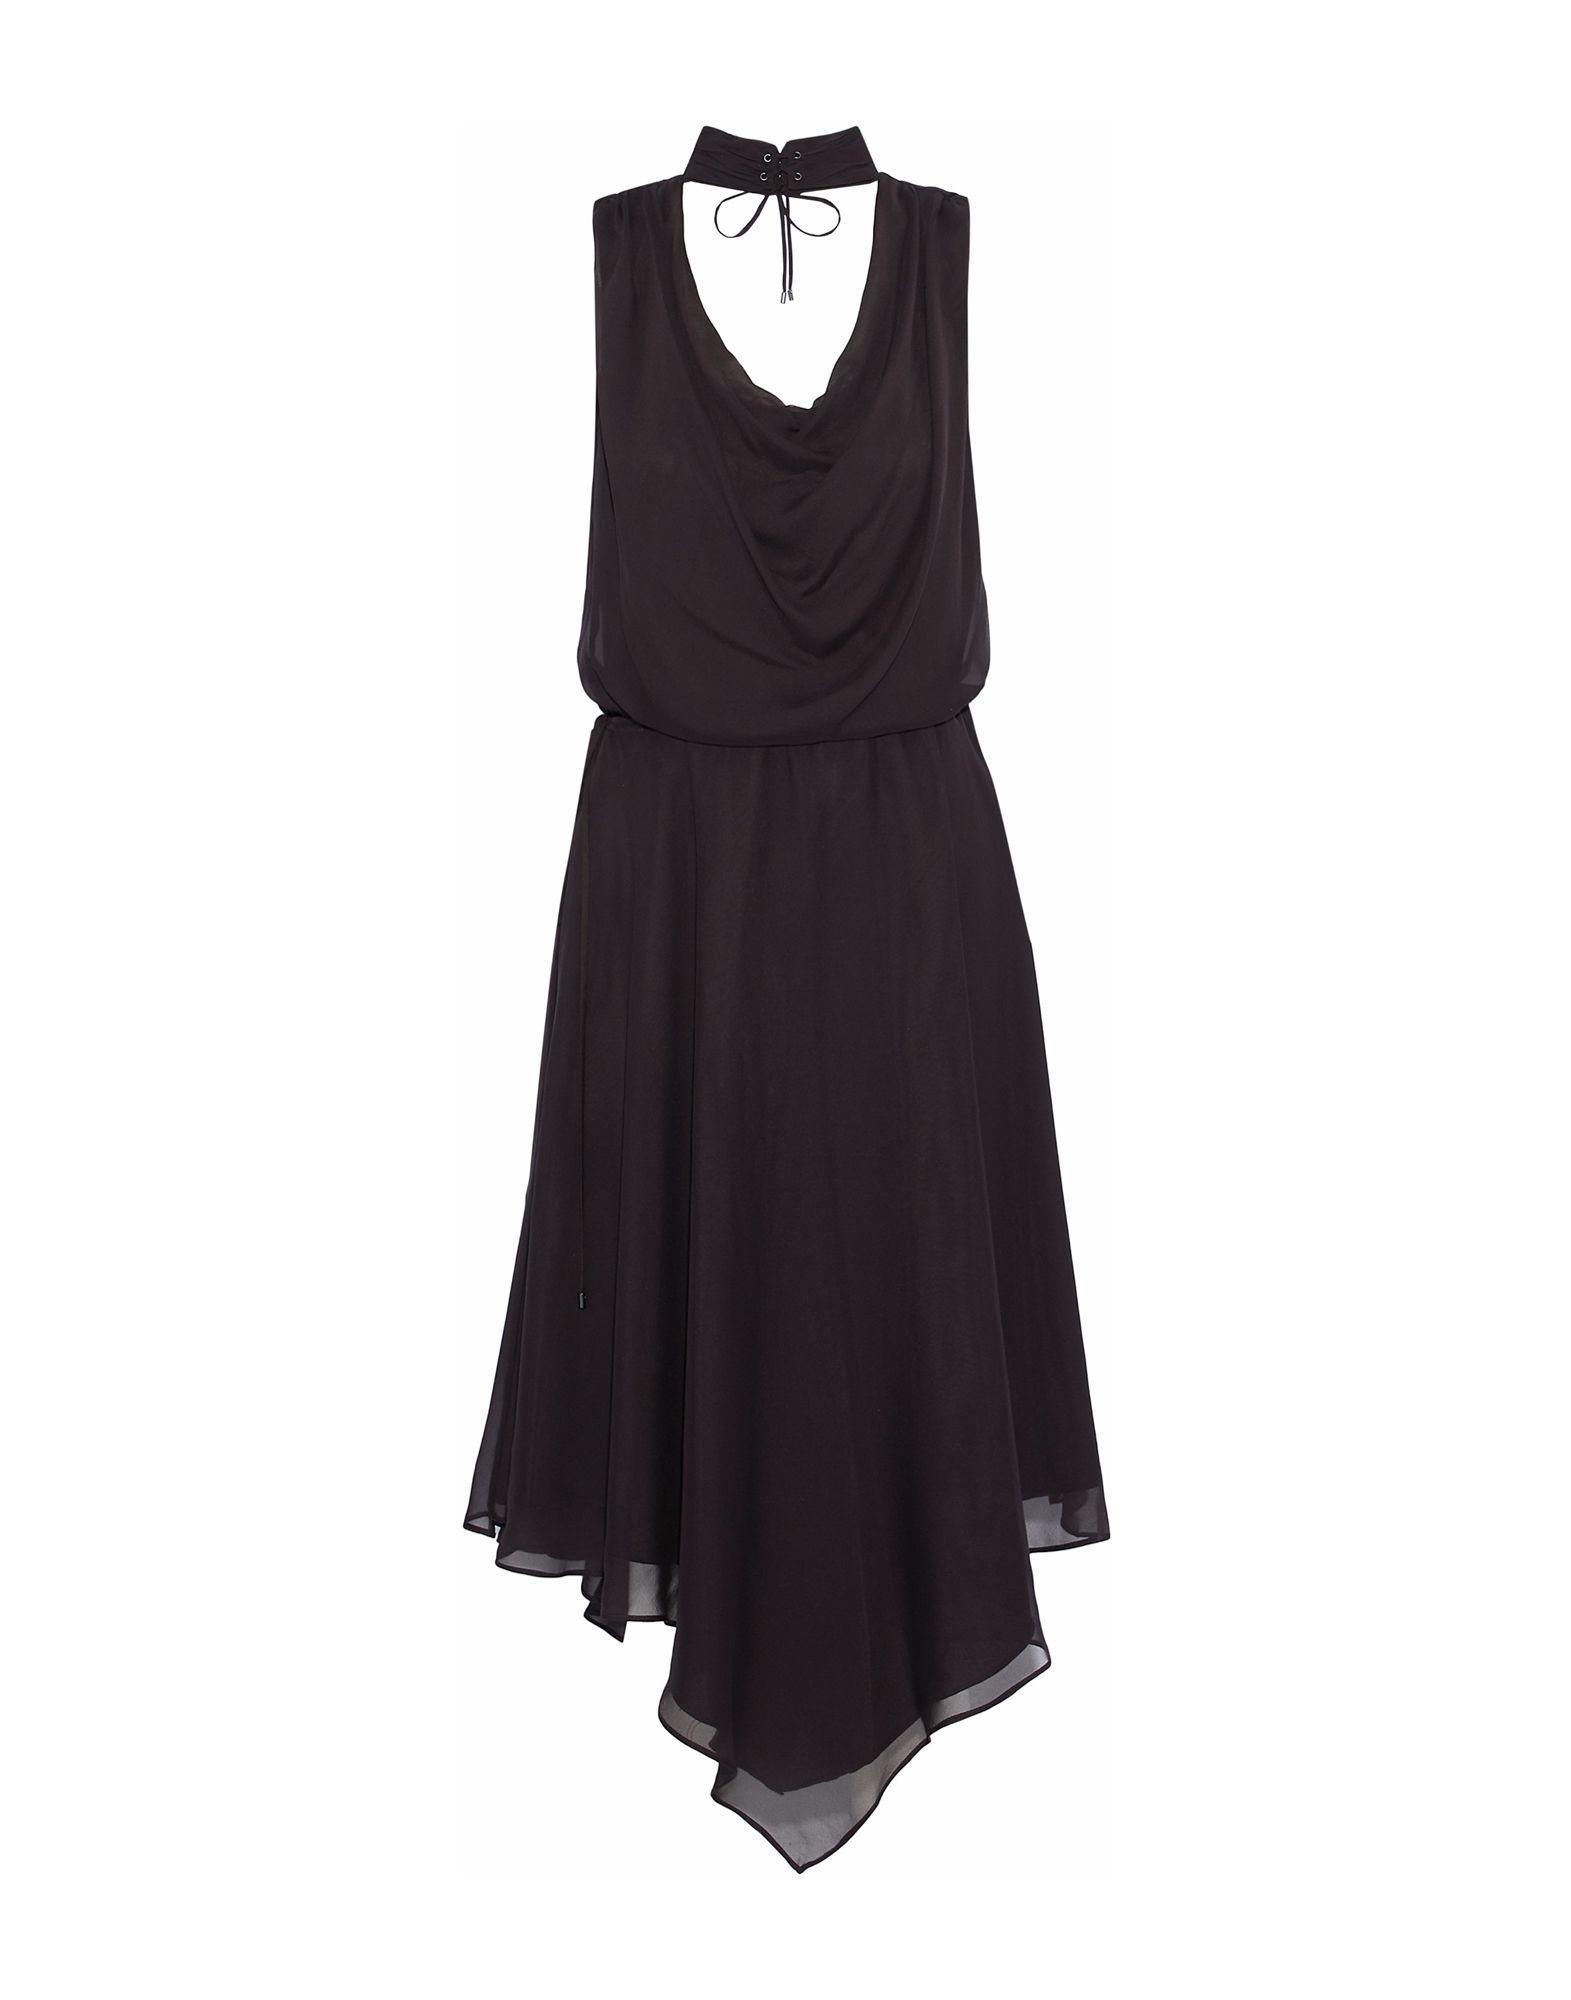 Haute Hippie Dark Brown Silk Dress